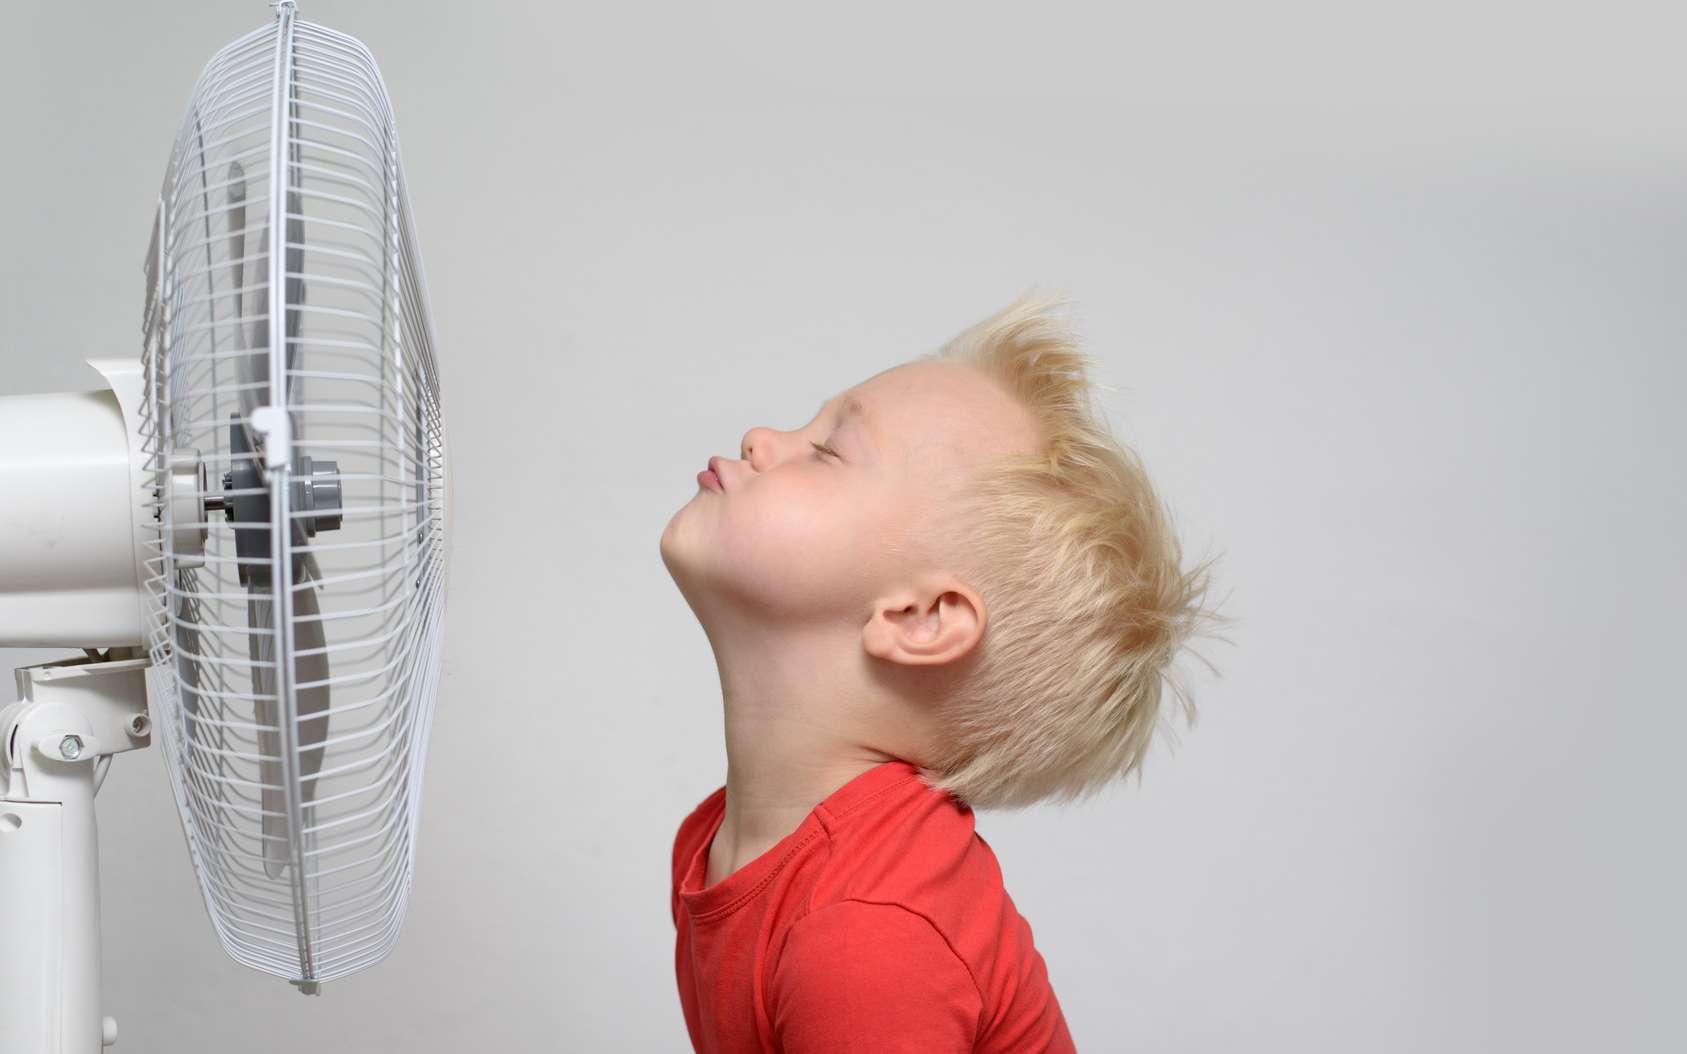 Même un simple ventilateur peut s'avérer très efficace pour se rafraichir l'été. © somemeans, Fotolia